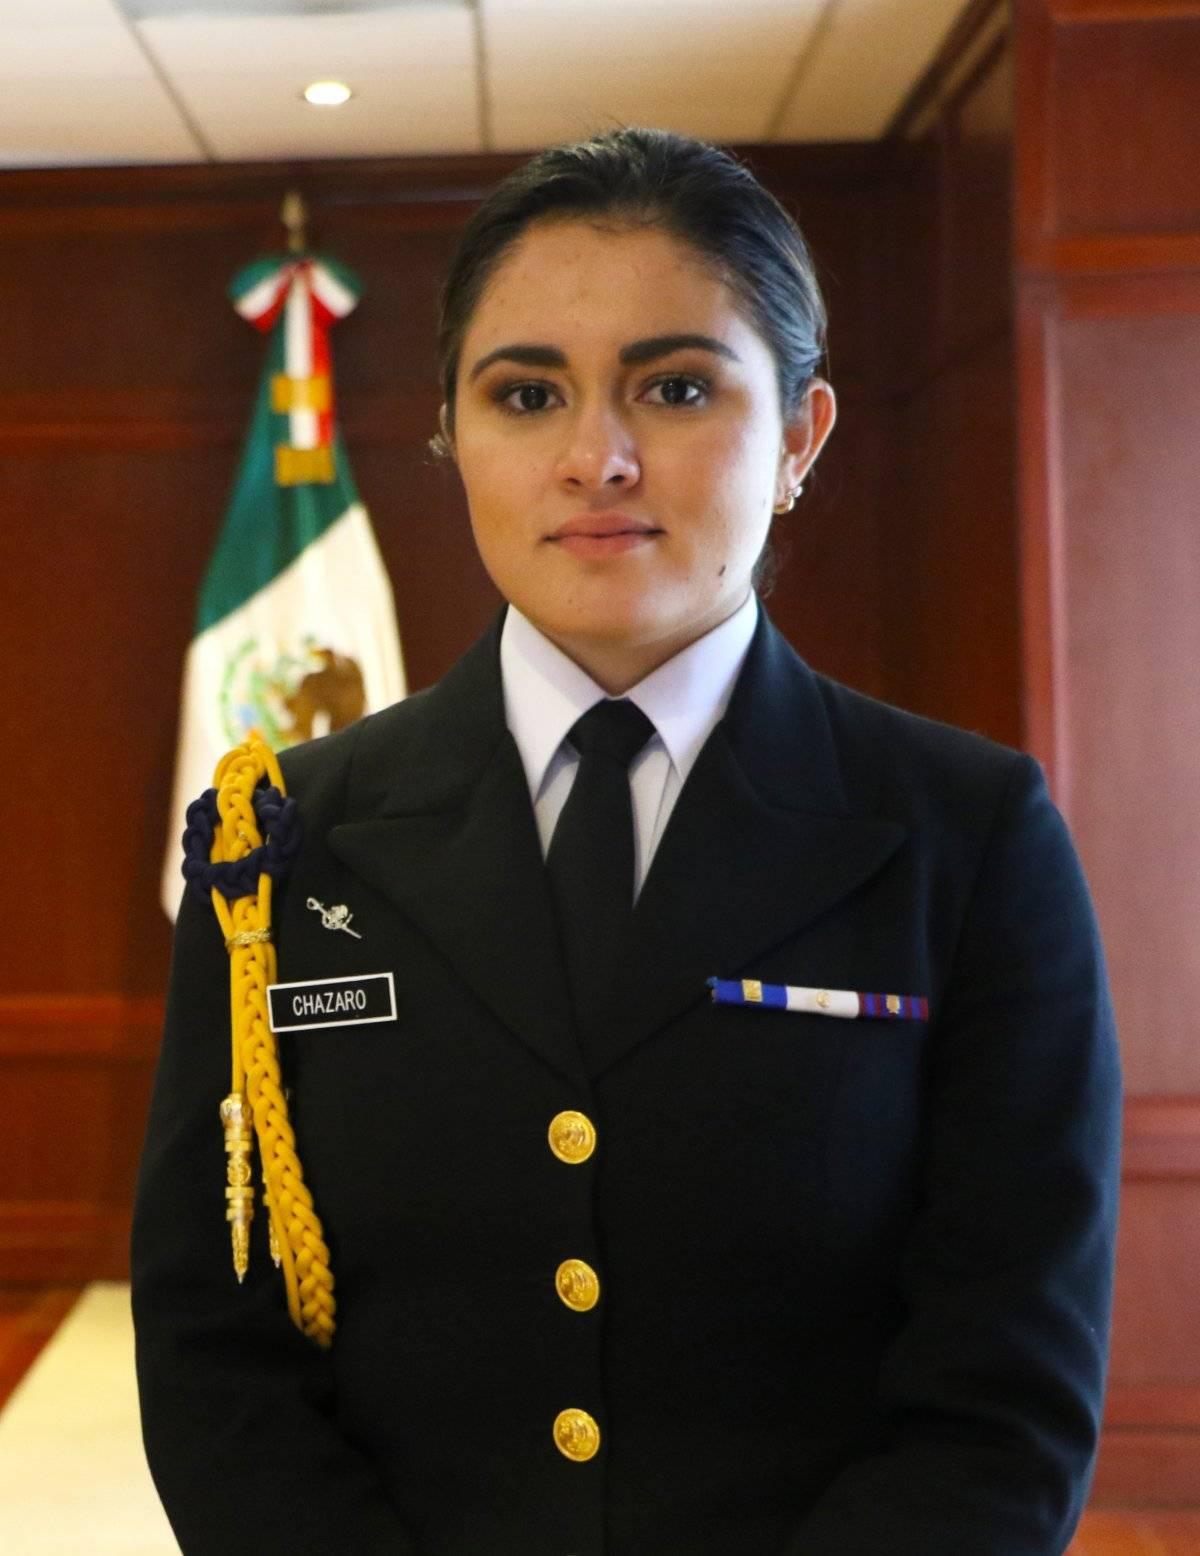 Es originaria de Orizaba, Veracruz. Eduardo Mondragón/Publimetro